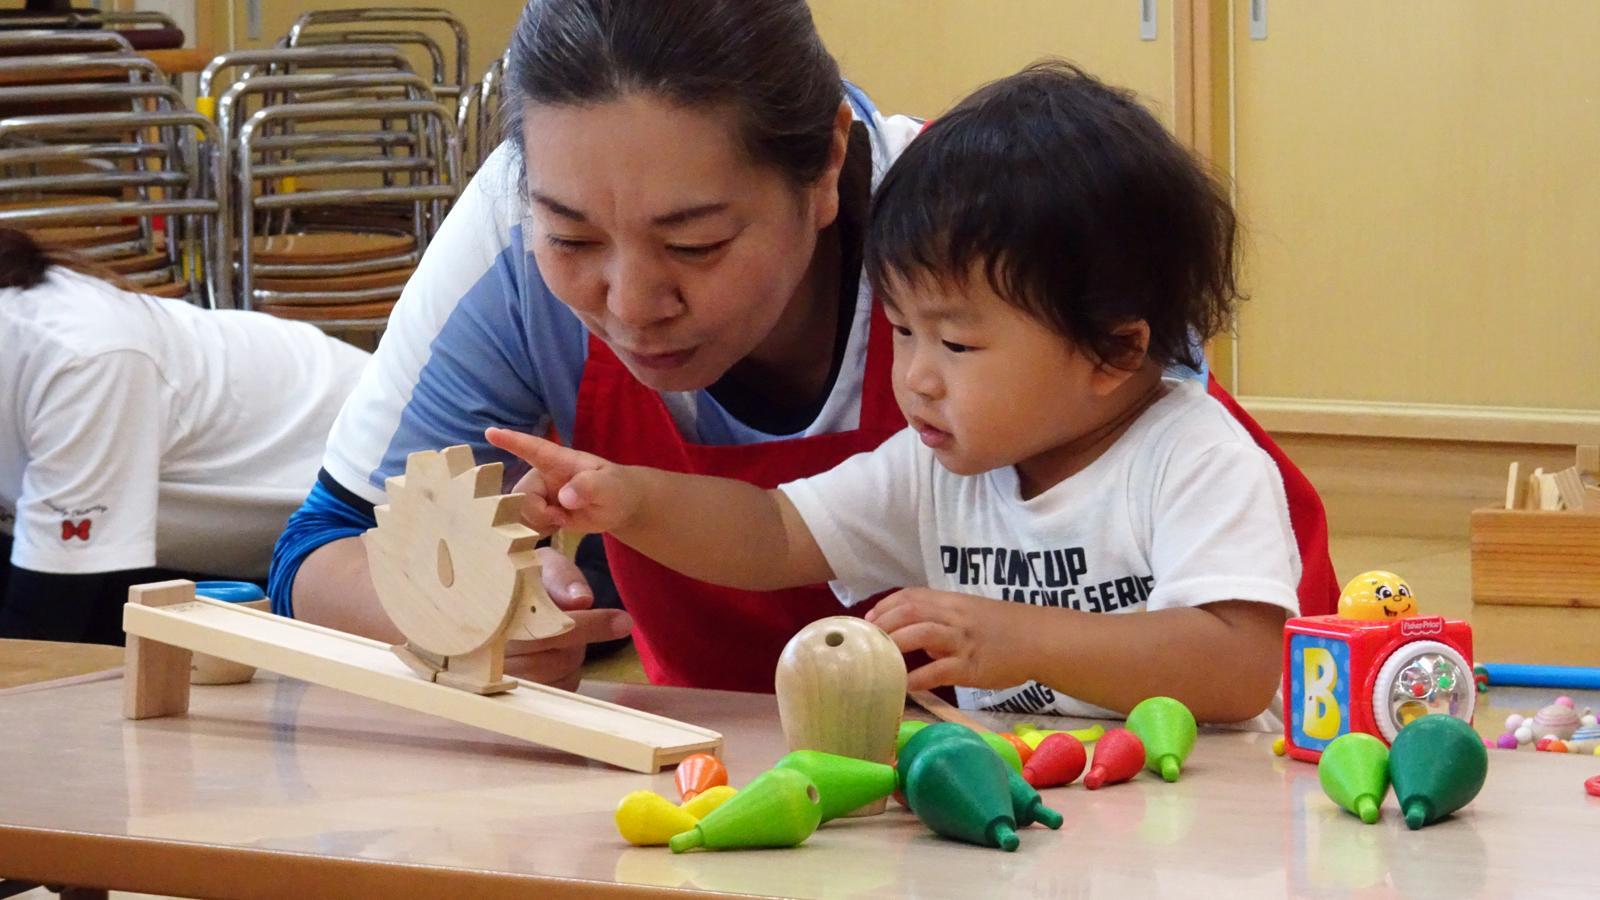 おもちゃと子どもに向き合う純粋な時間 -坂井市・笠原千江さんのおもちゃの広場